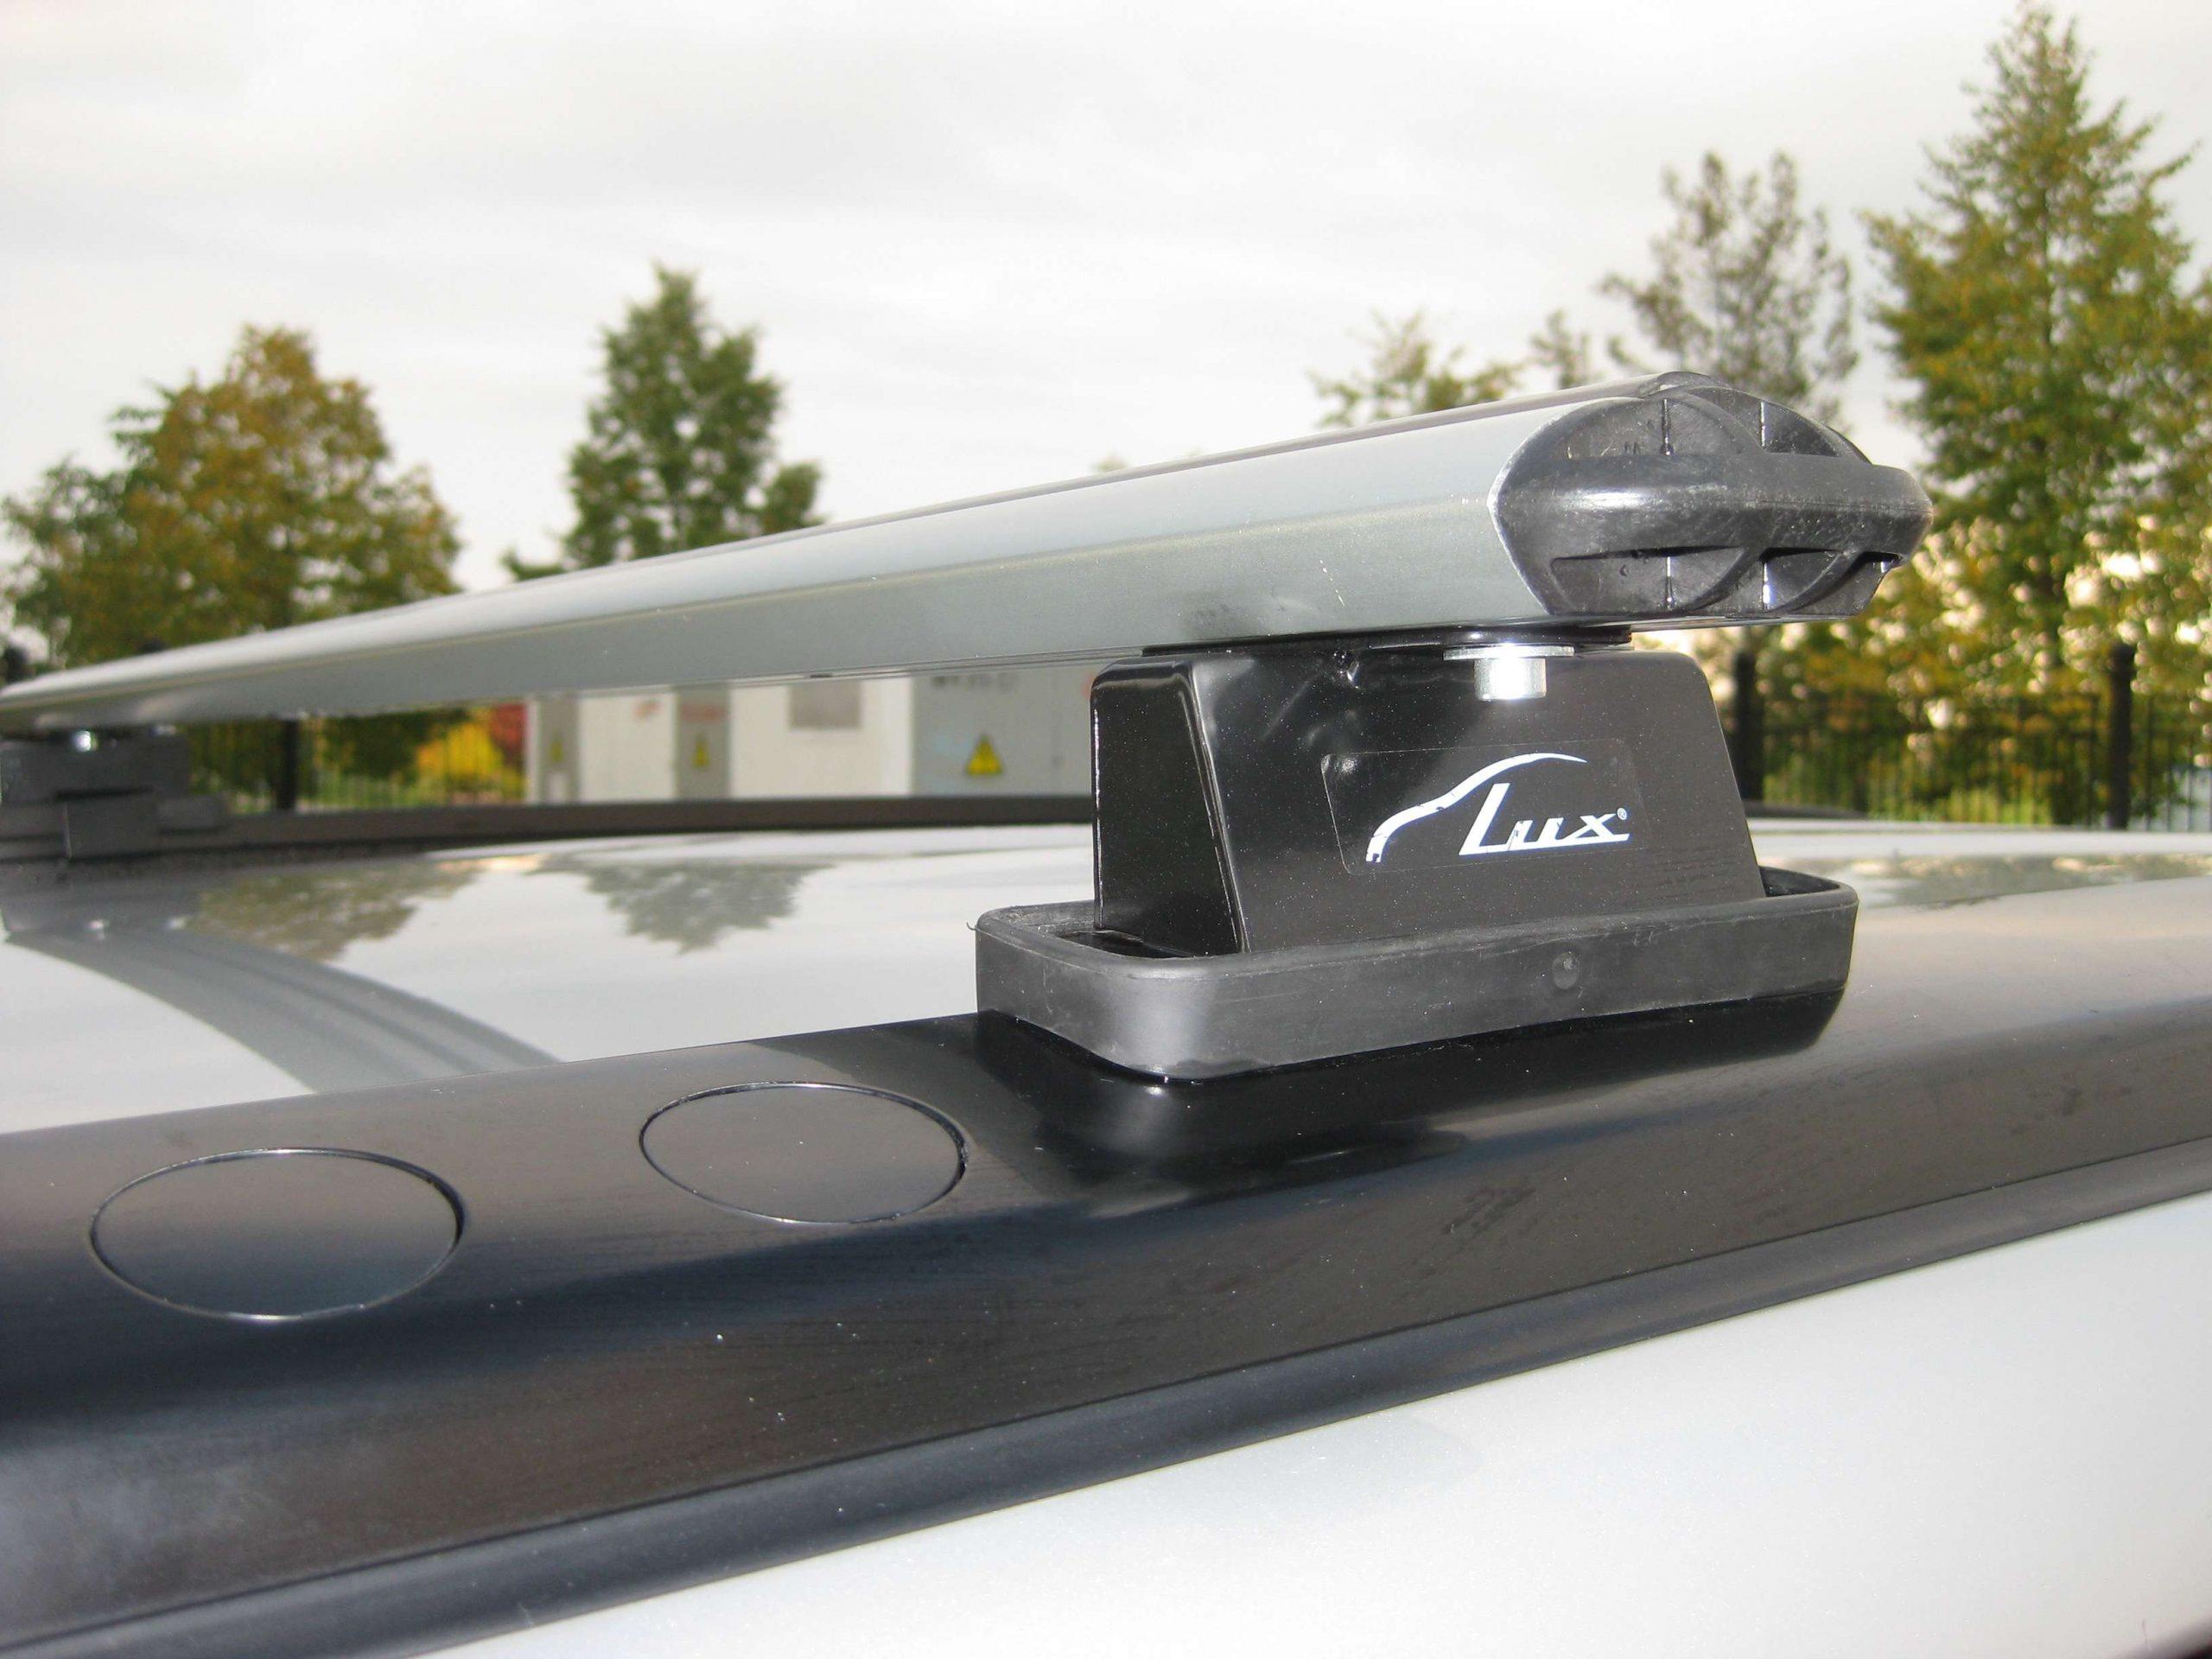 Багажник на крышу D-LUX 1 для Suzuki Grand Vitara 1 (FT) внедорожник